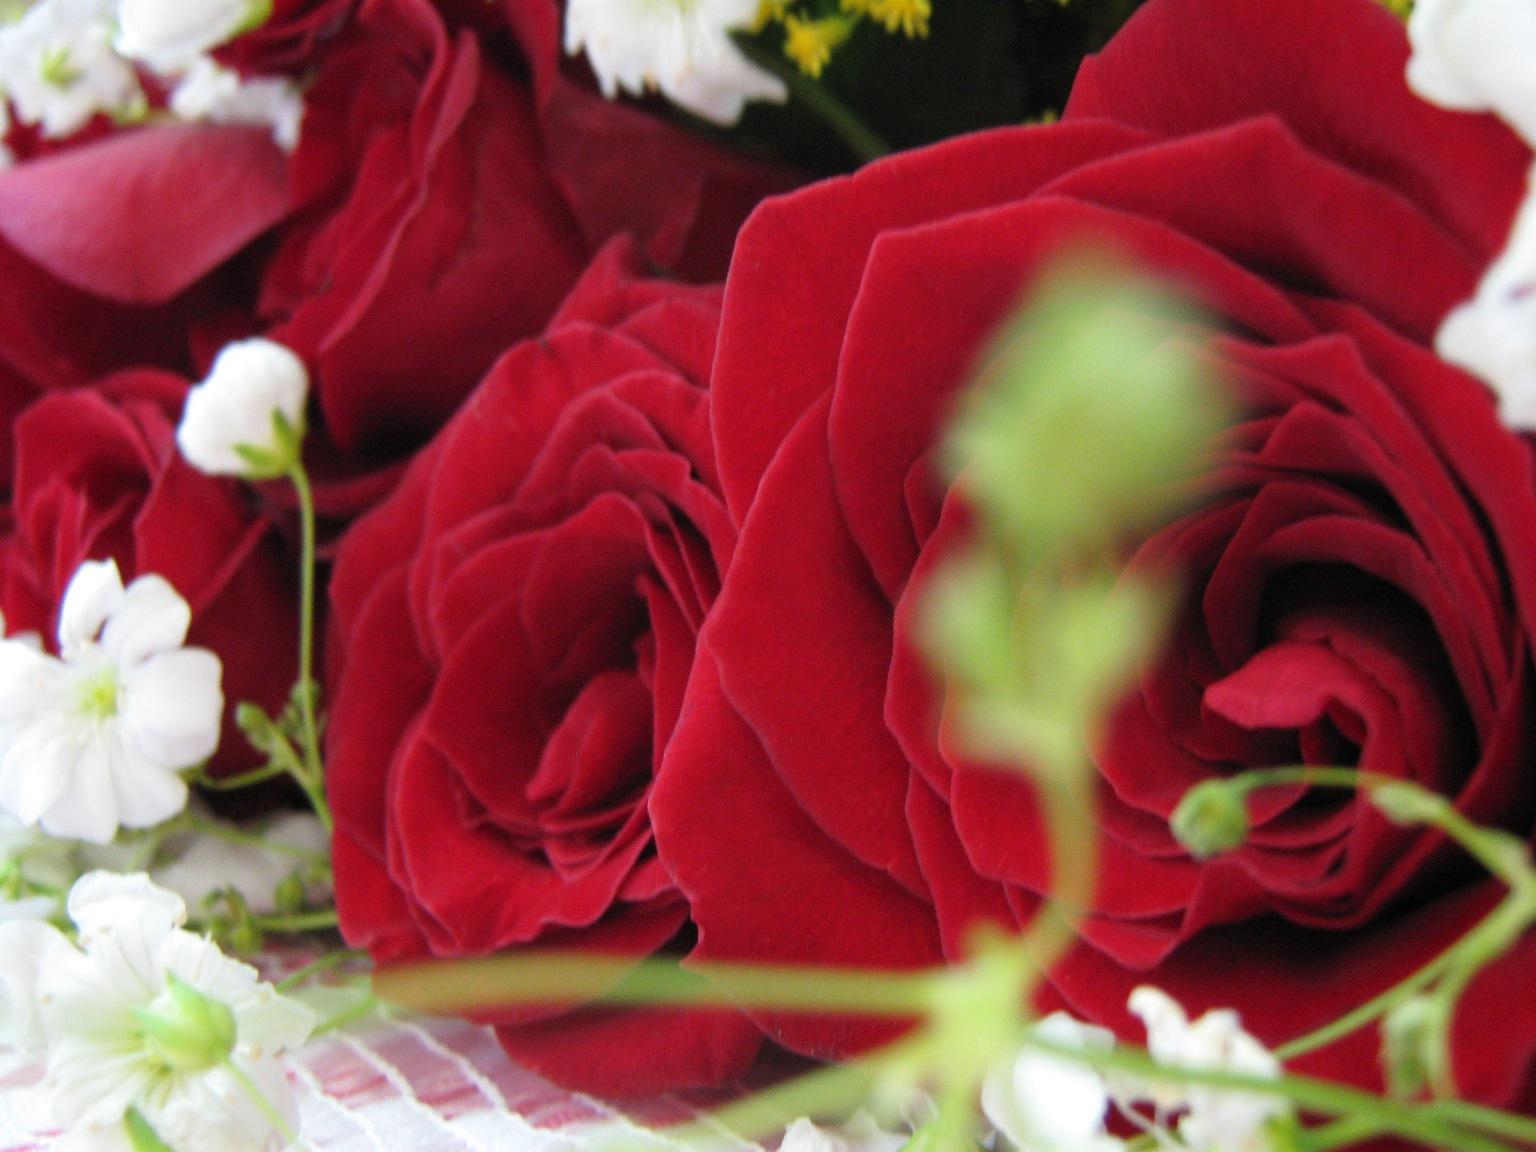 Ojalá la belleza de éstas flores represente aunque sea un poco el amor que tengo por mi familia.